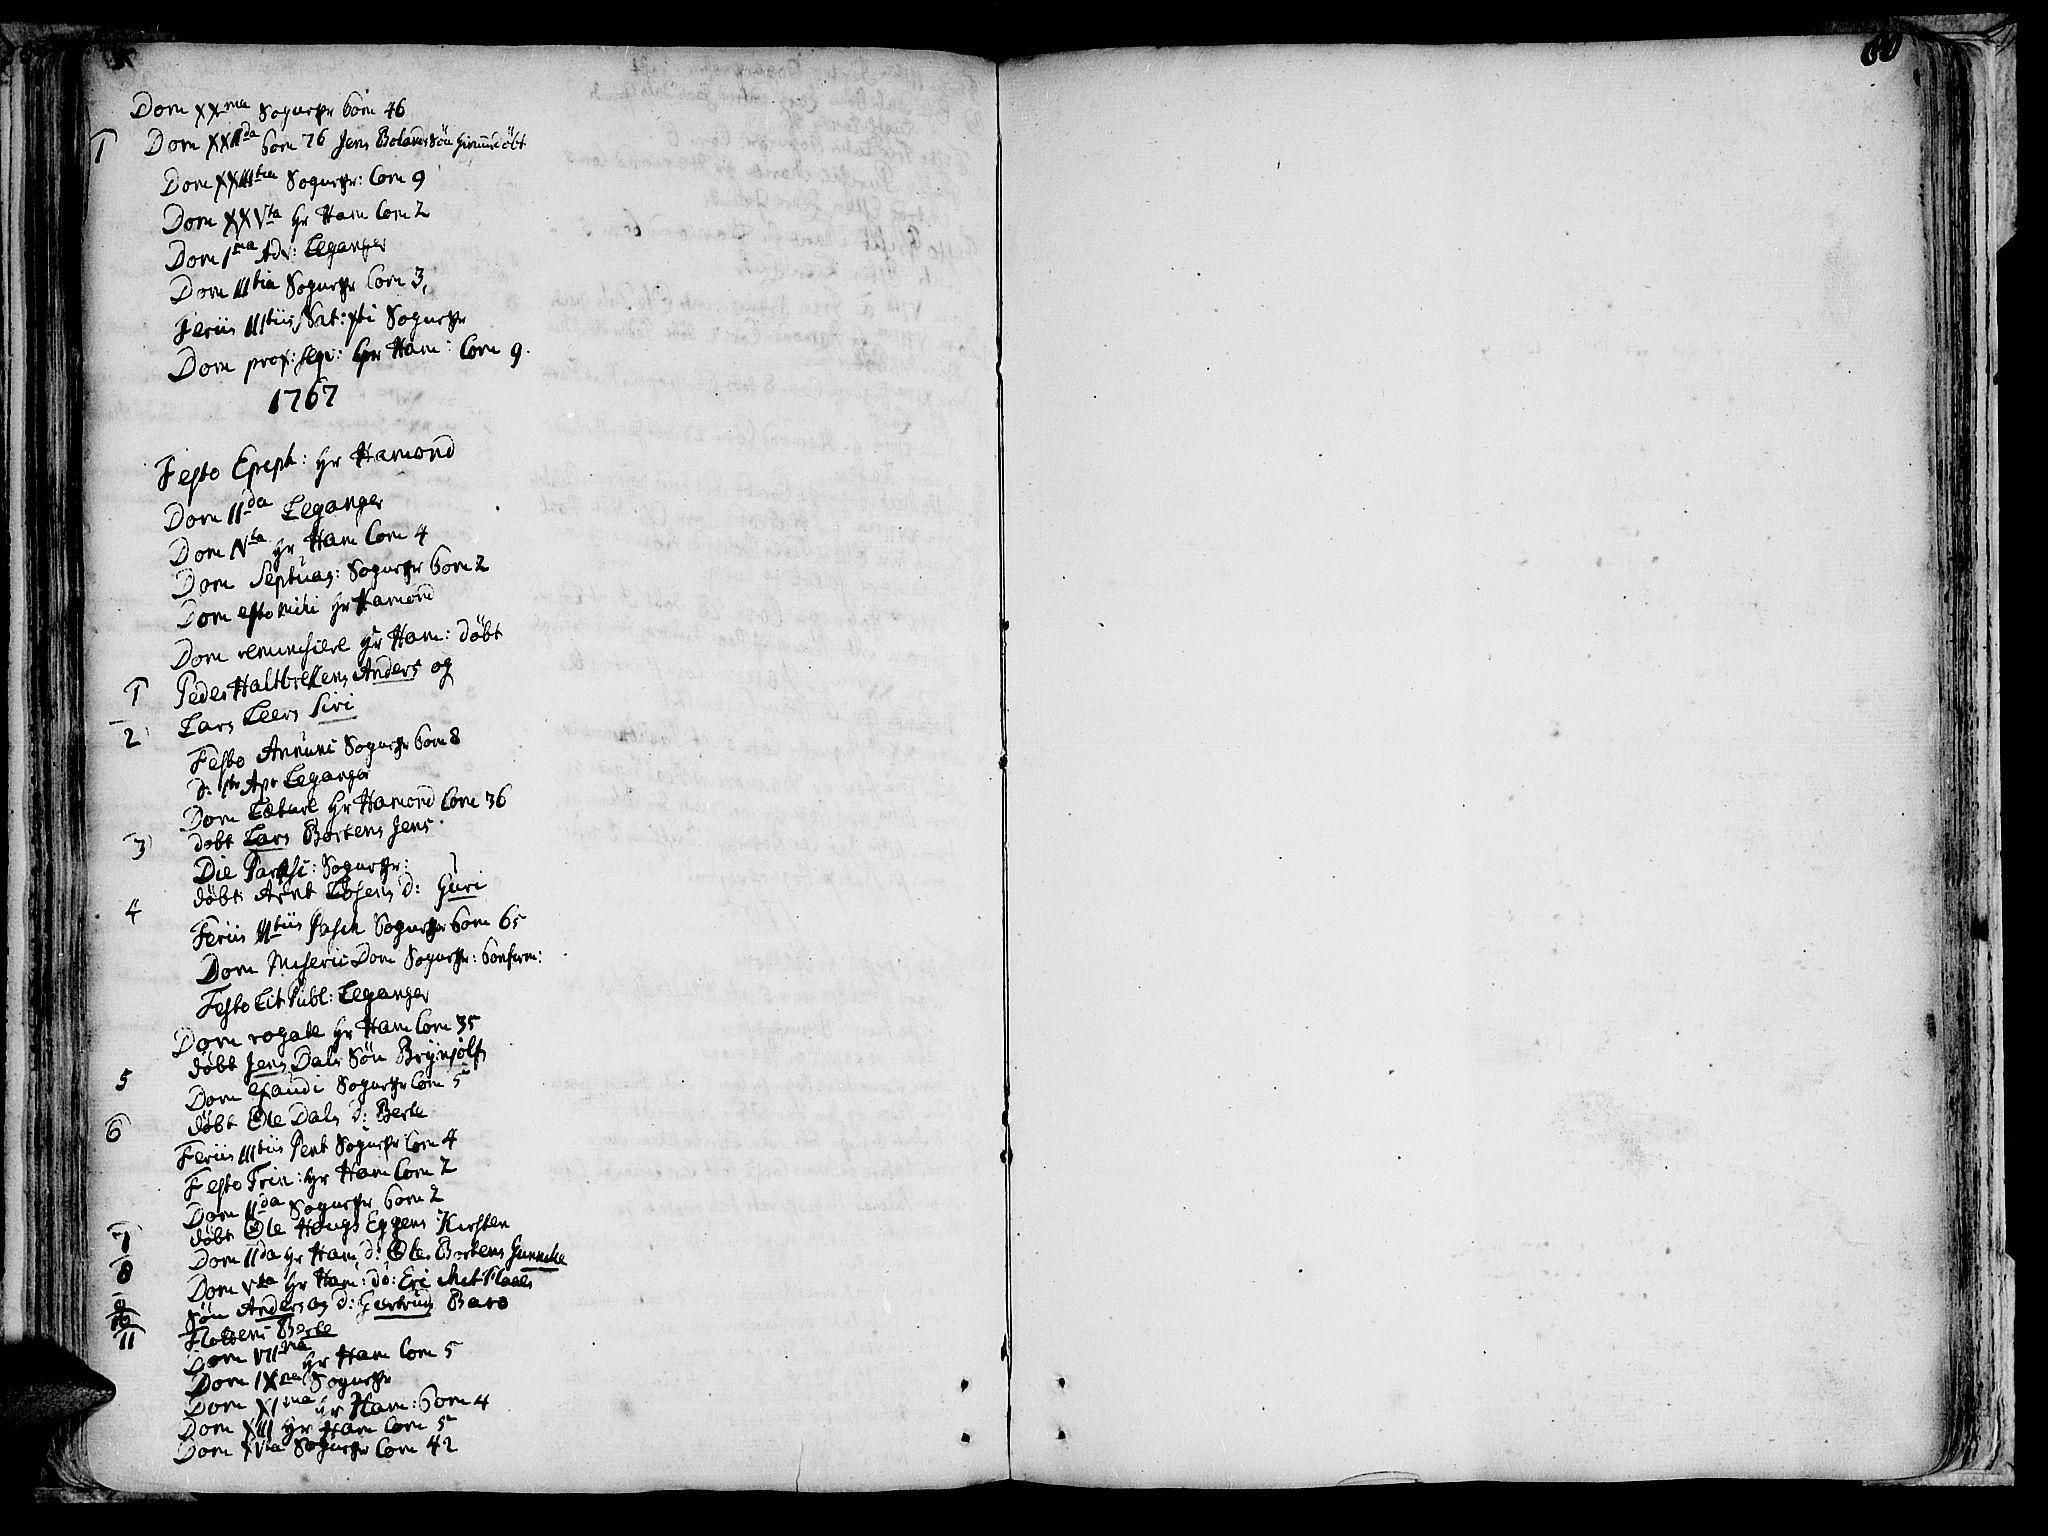 SAT, Ministerialprotokoller, klokkerbøker og fødselsregistre - Sør-Trøndelag, 691/L1058: Ministerialbok nr. 691A01 /2, 1740-1767, s. 80